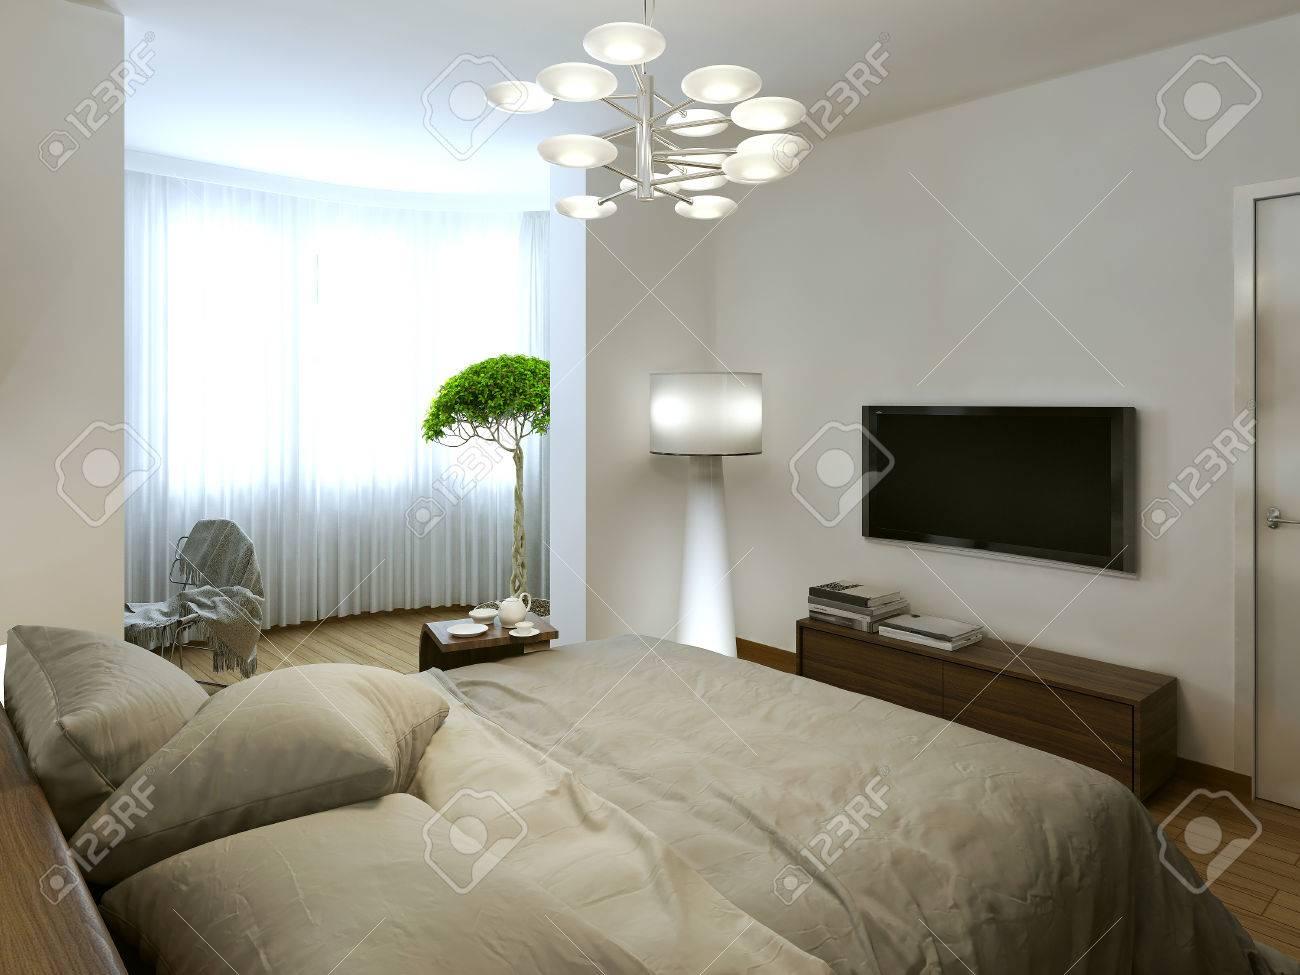 Schlafzimmer Zeitgenössisches Interieur, 3D-Bilder Lizenzfreie Fotos ...